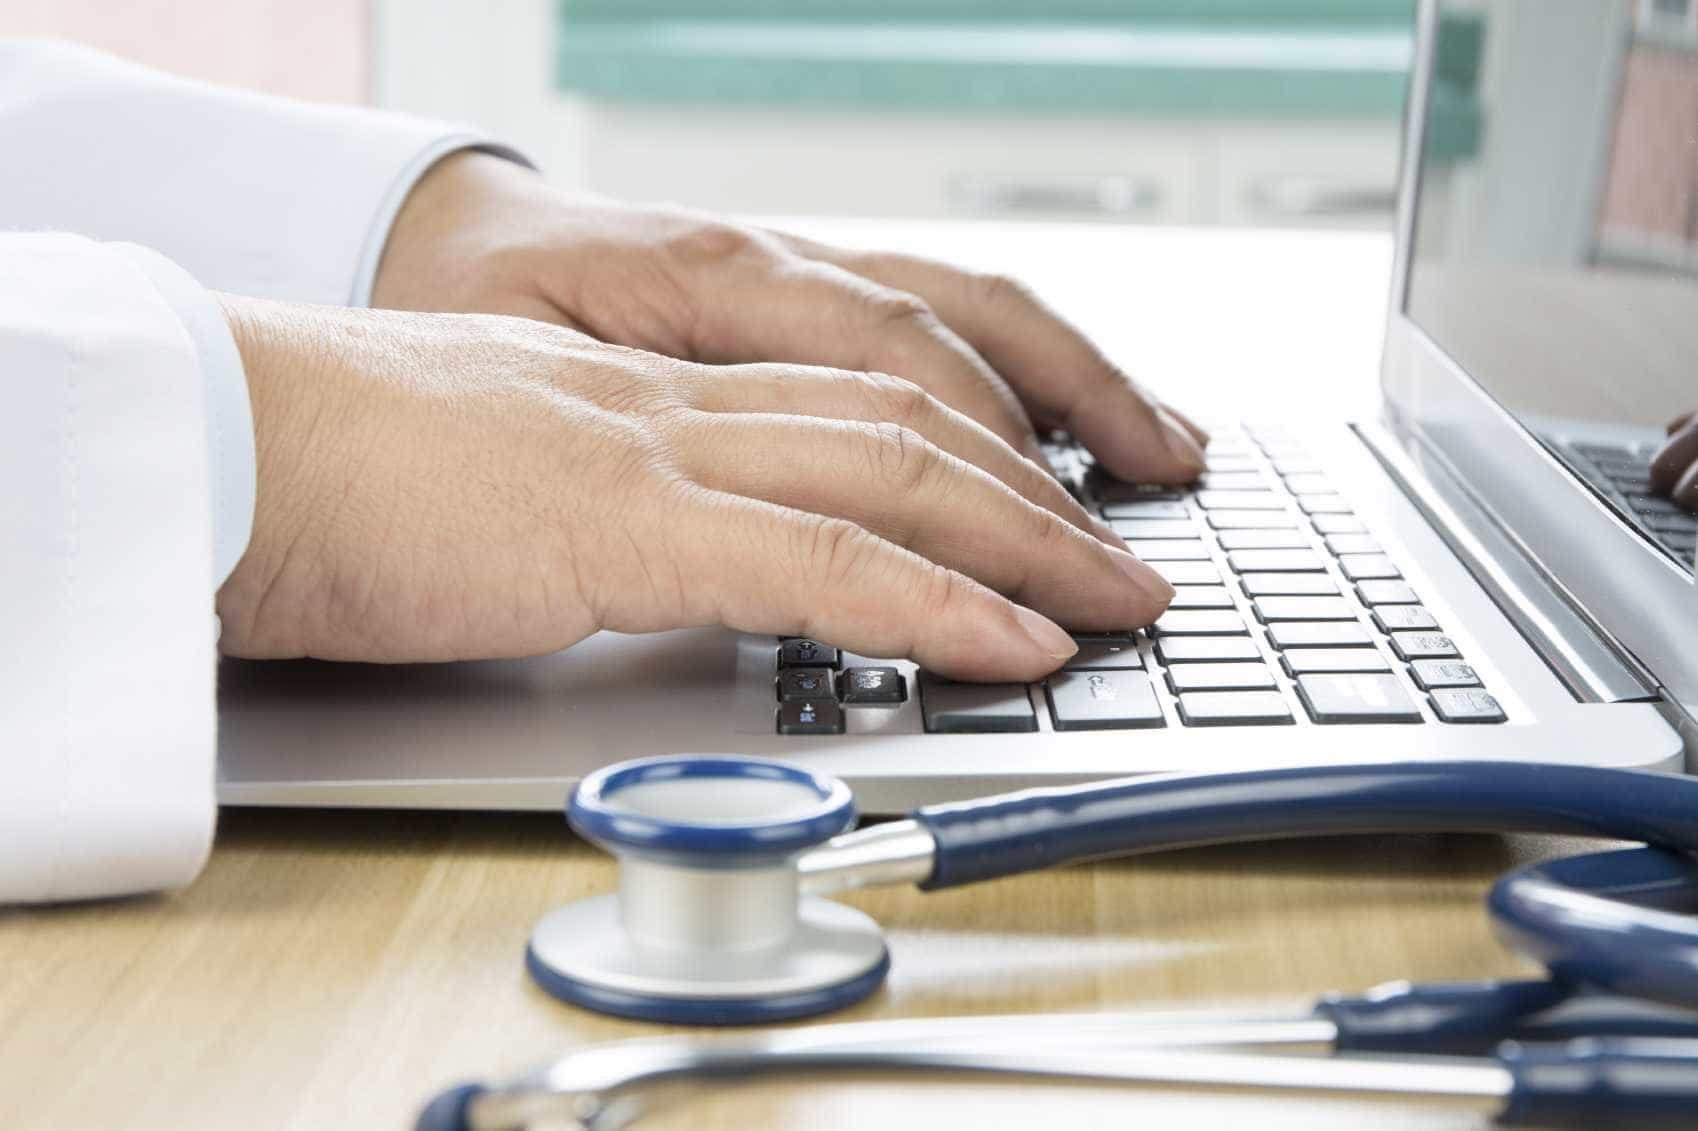 """Médico usa evidência científica para desmontar """"mitos e crenças na saúde"""""""